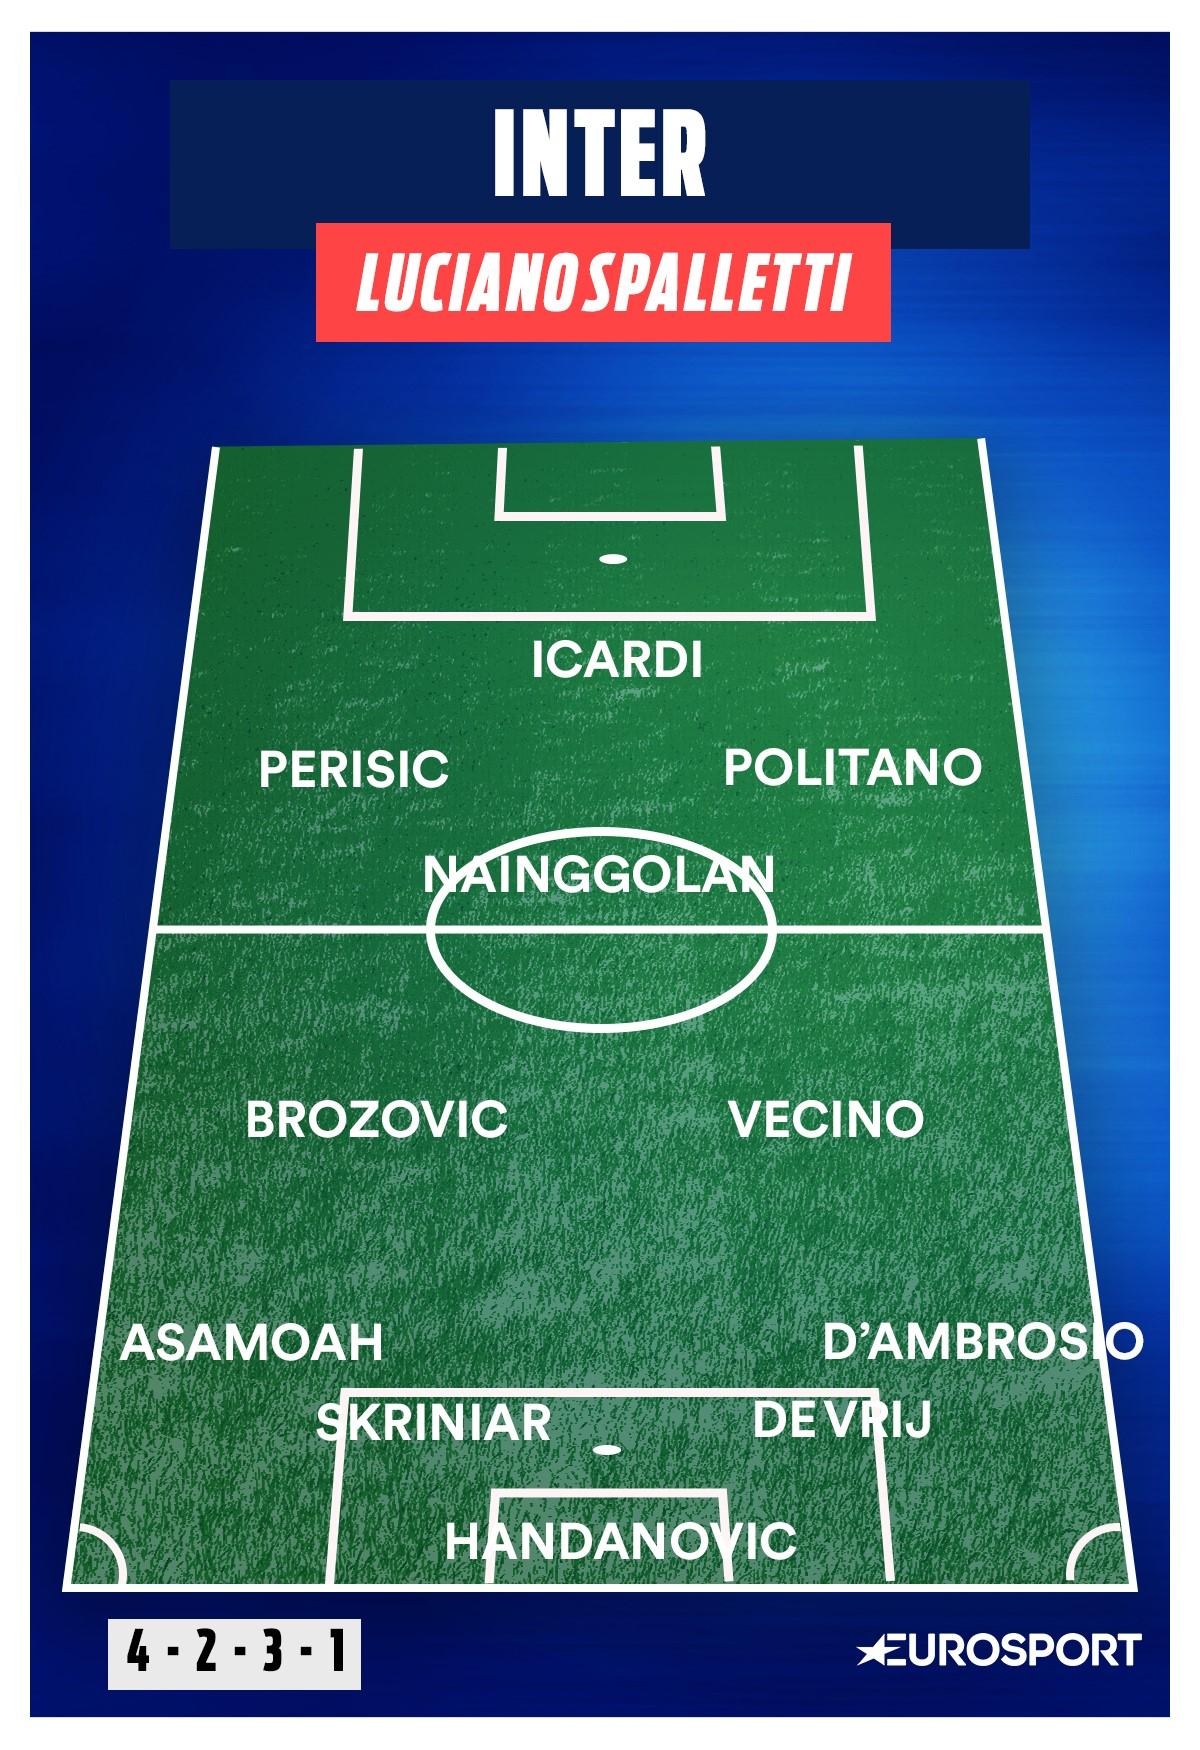 L'Inter di Luciano Spalletti - Serie A 2018-2019